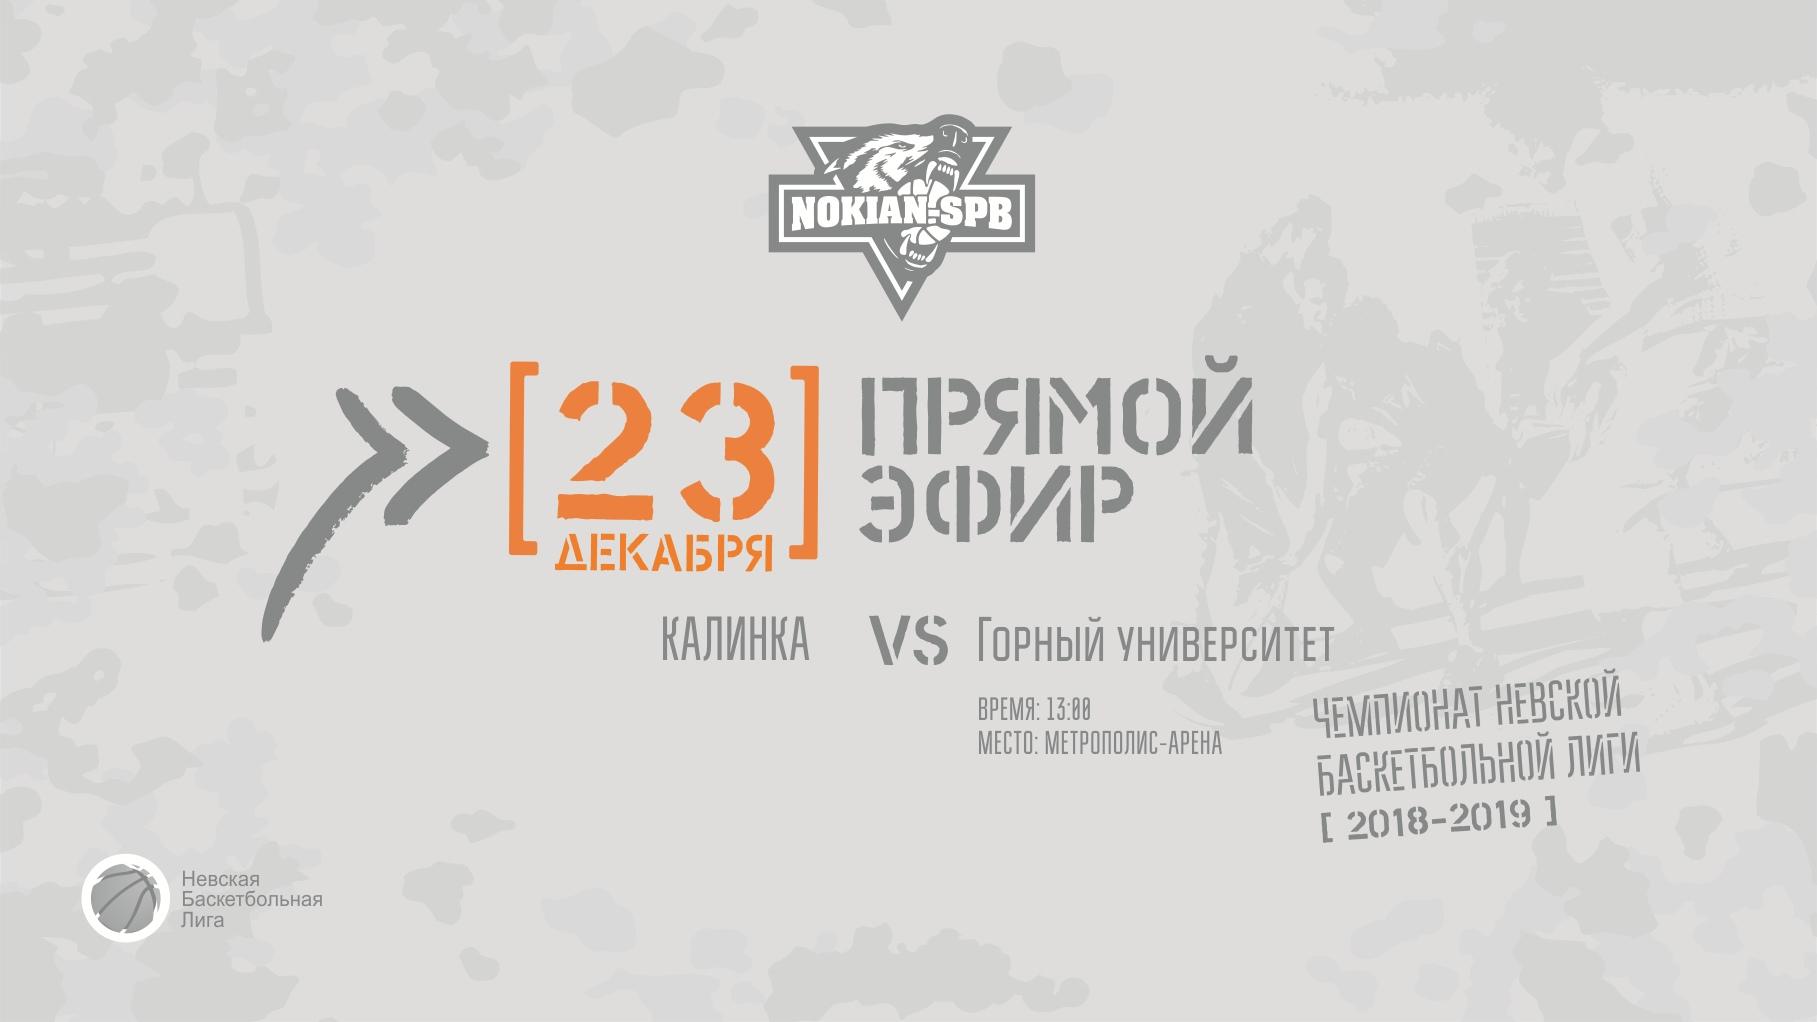 Центральный матч недели Калинка - Горный университет